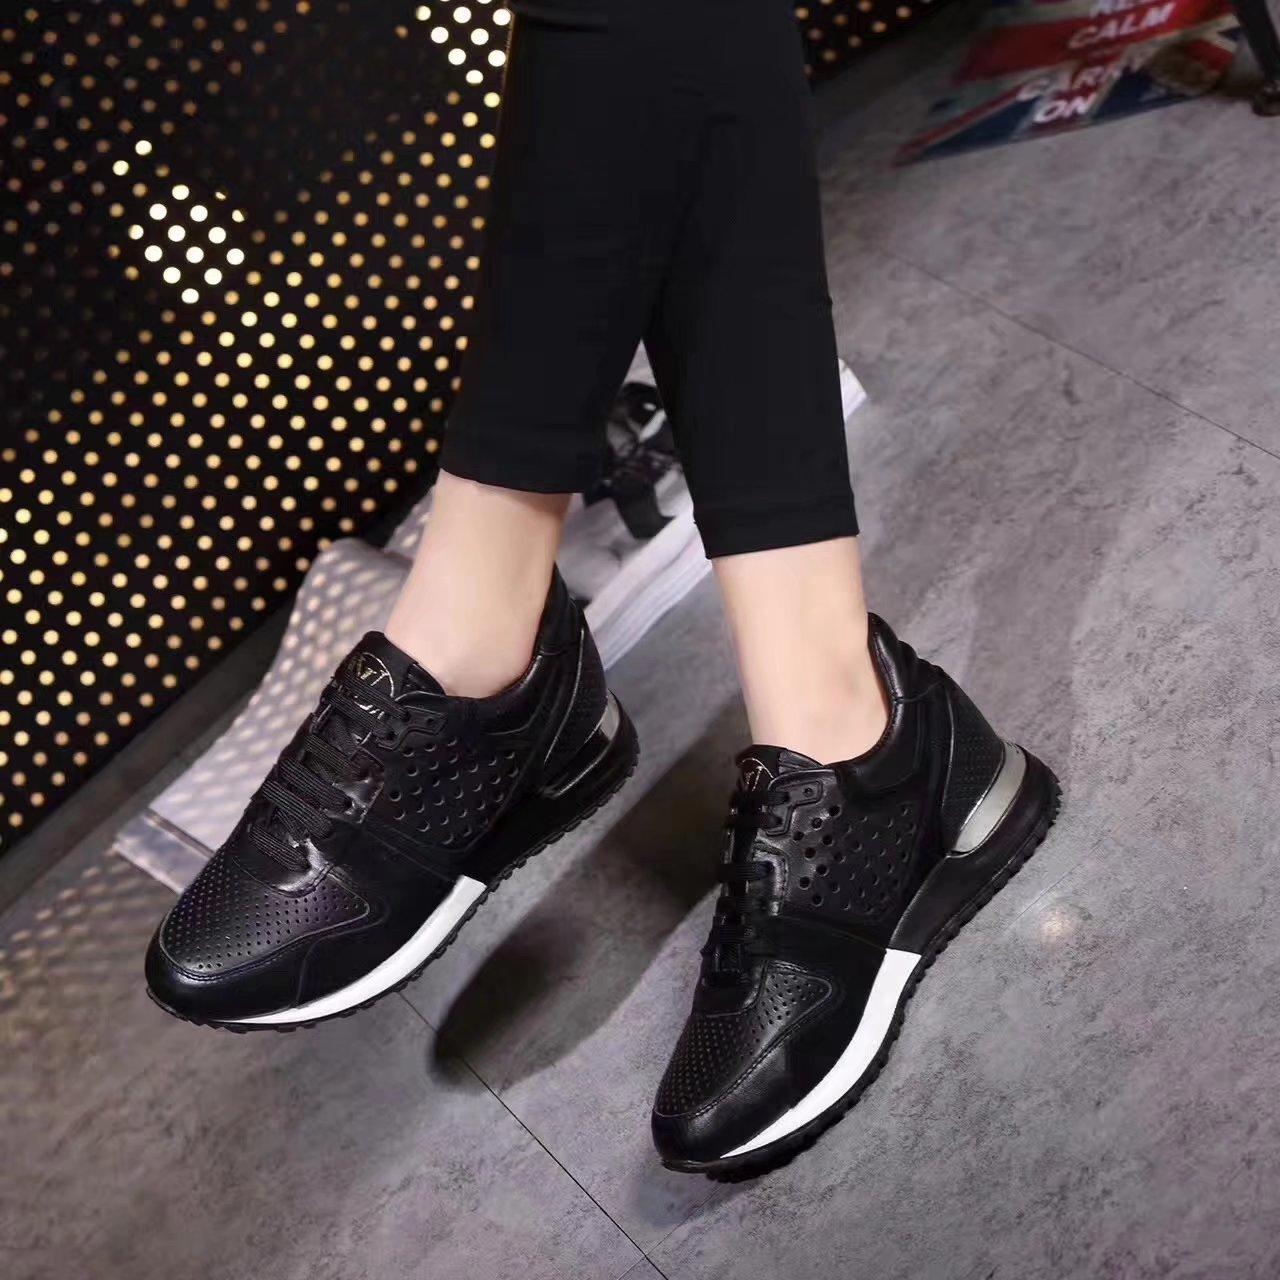 ae5d084306f2 Louis vuitton shoes women -www.sac-lvmarque.com sac a main louis vuitton